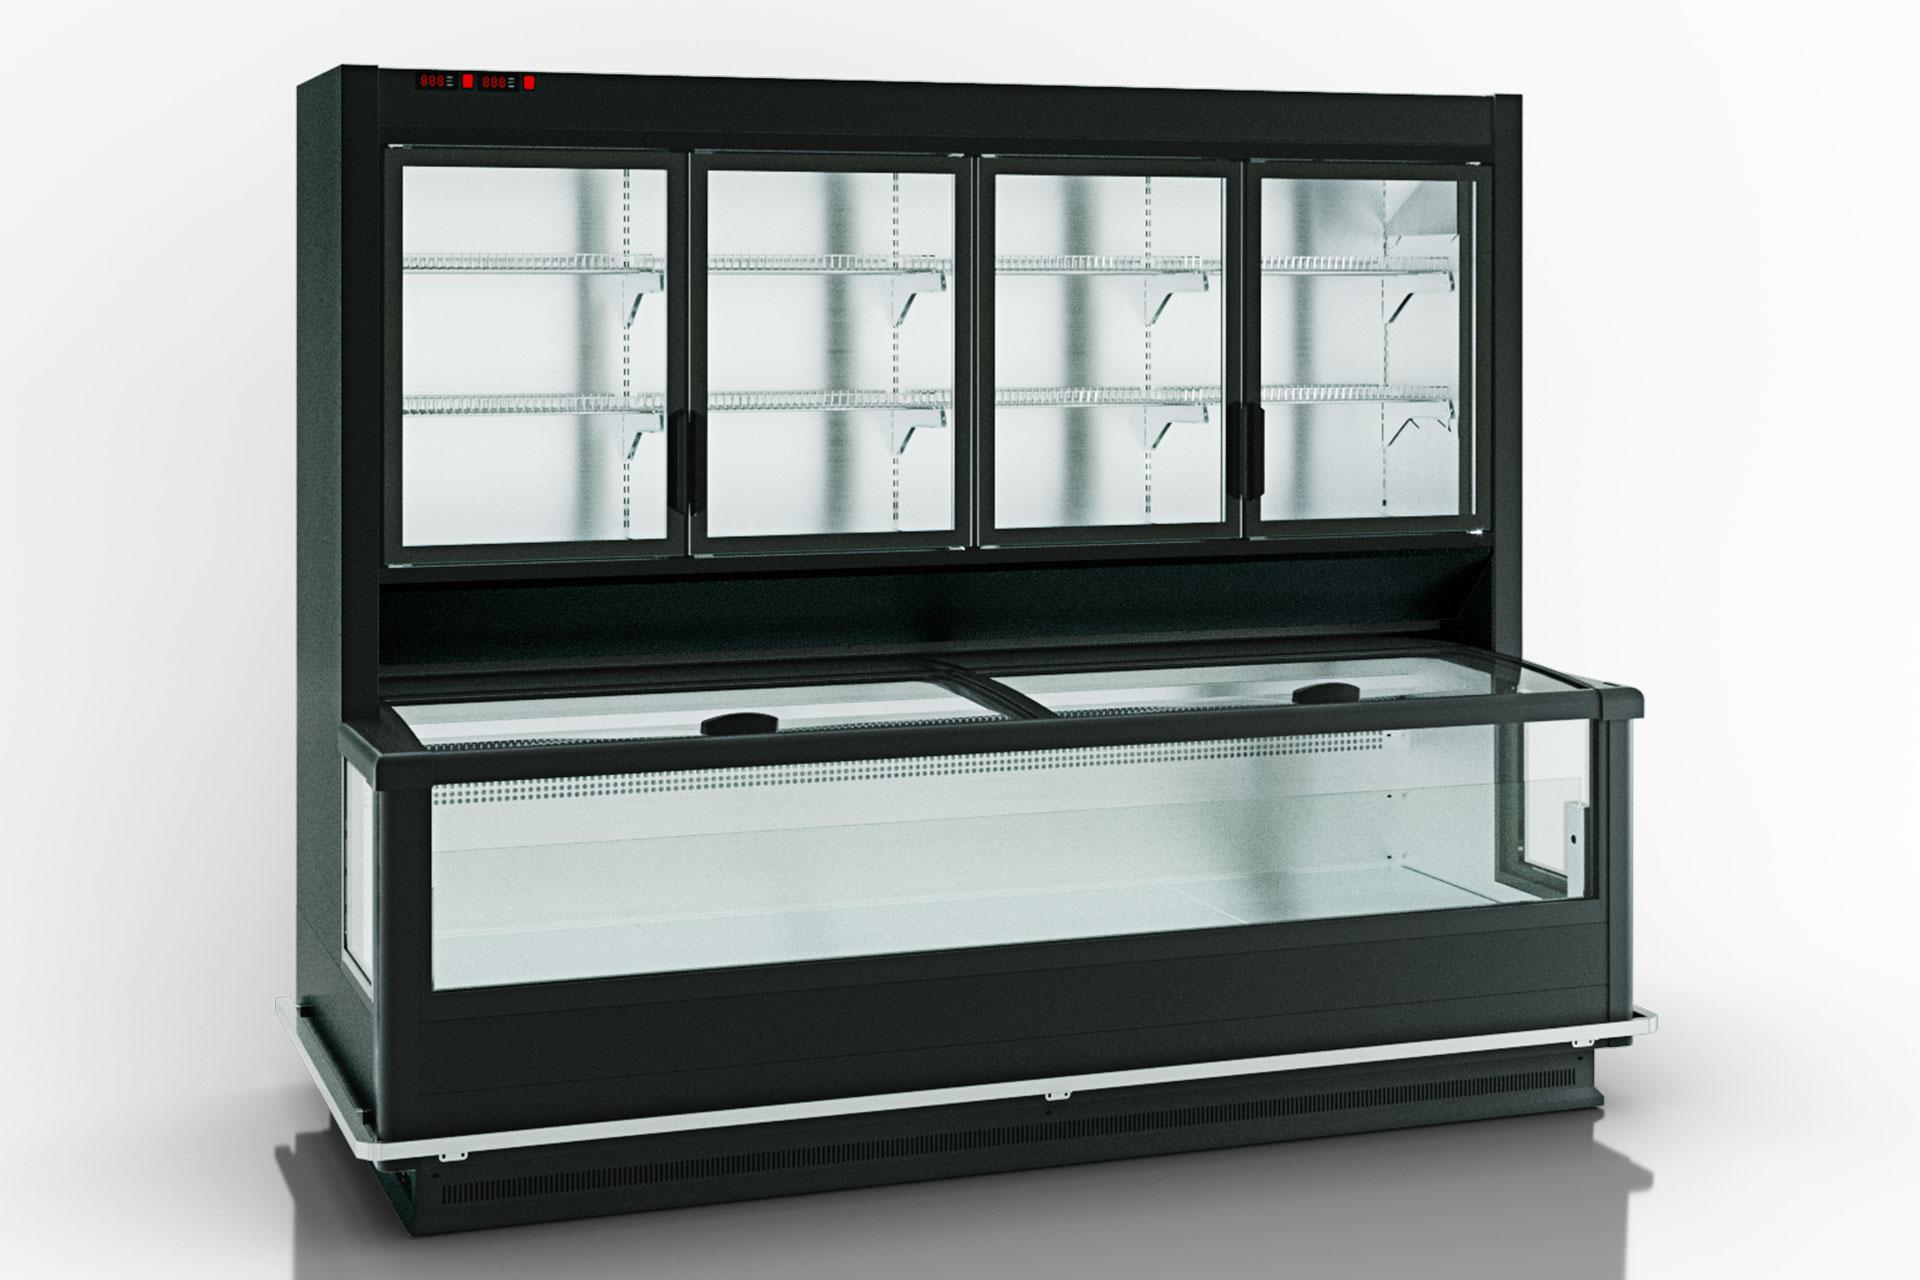 Вітрина для заморожених продуктів Alaska combi 2 SD MHV 110 LT D/C 220-DLM